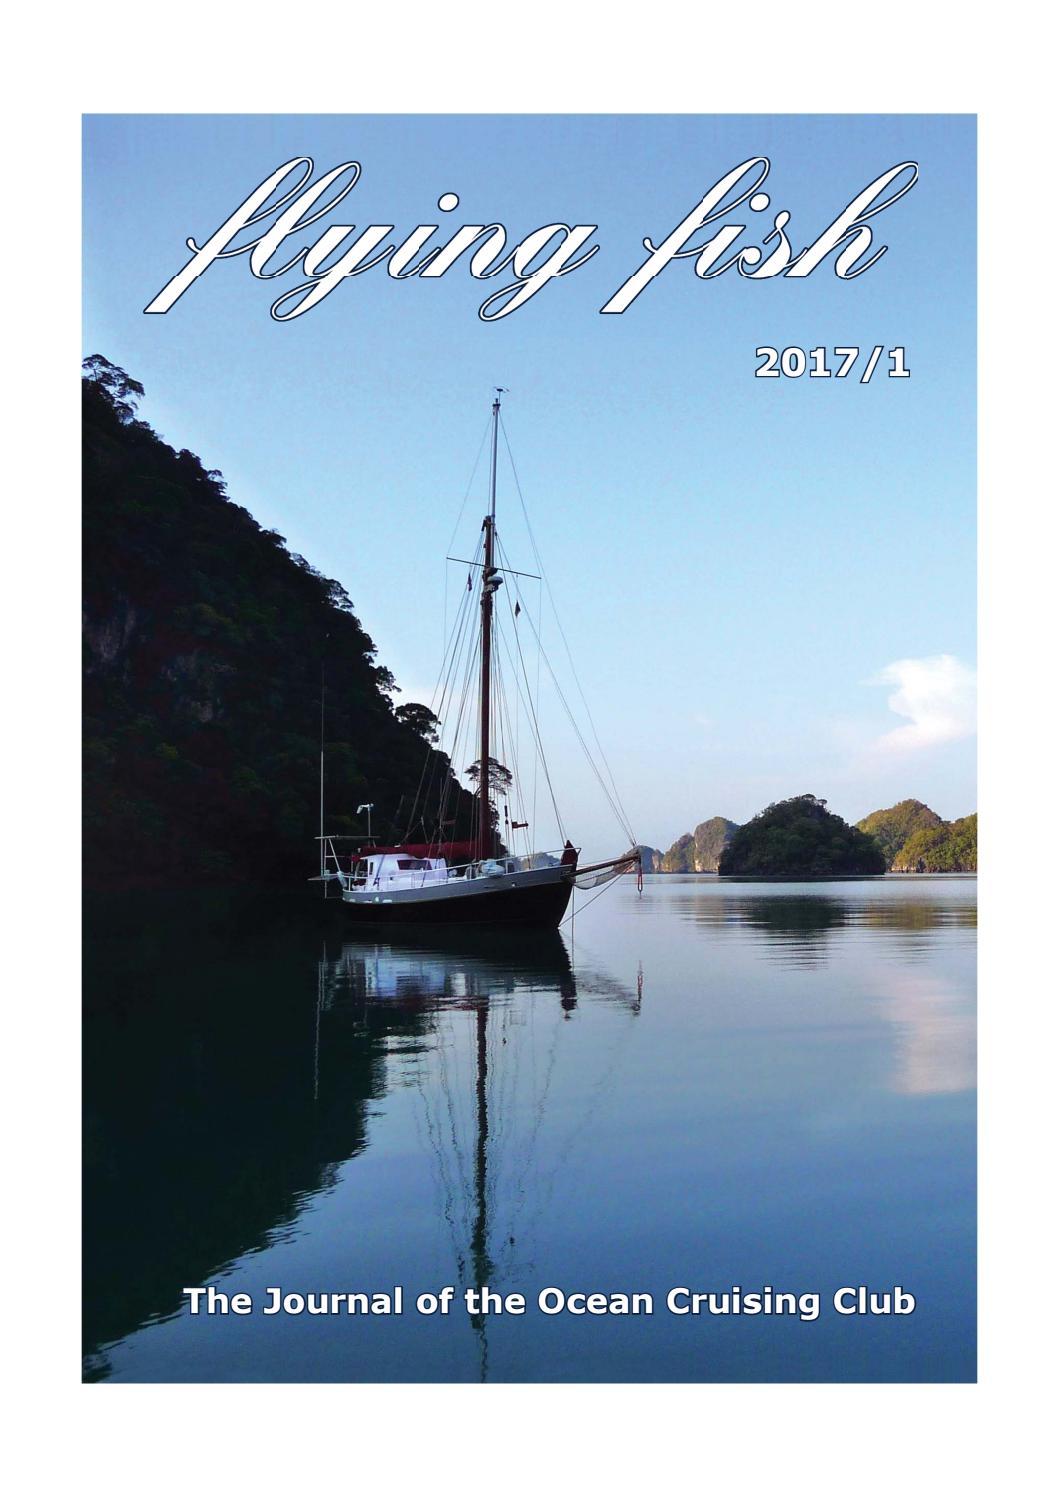 12e90f147d Flying Fish 2017-1 by Ocean Cruising Club - issuu